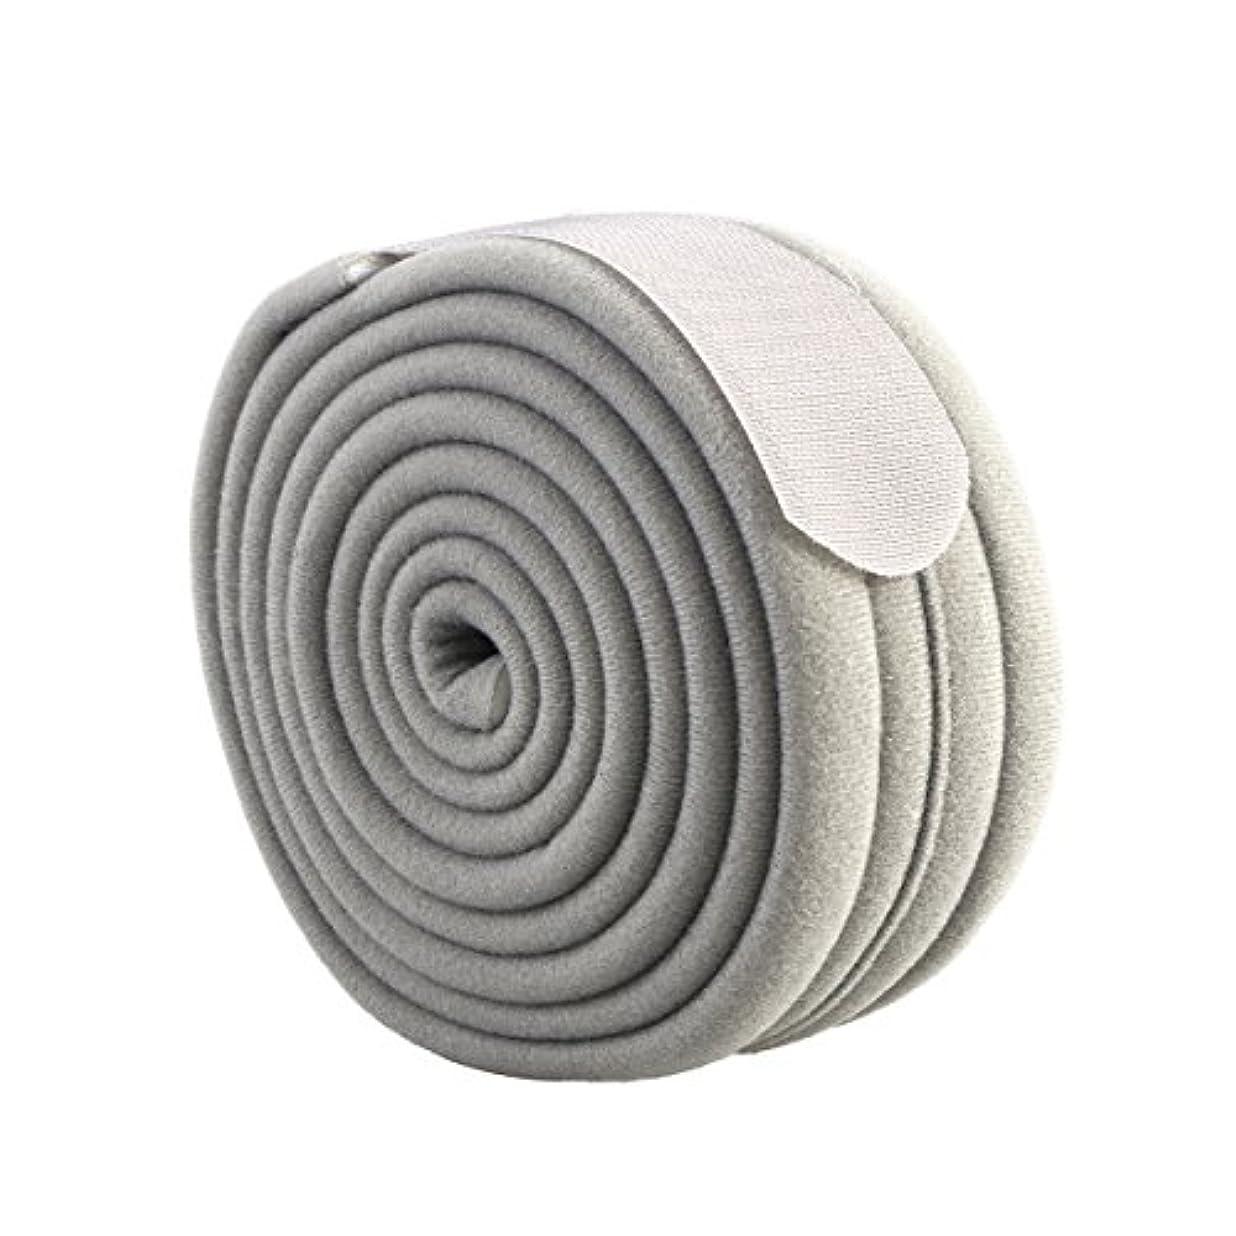 ROSENICE アームスリング アームホルダー アームスリング アームのサポート 調節可能 通気性 調節可能 腕の骨折?脱臼時のギプス固定 男性 女性